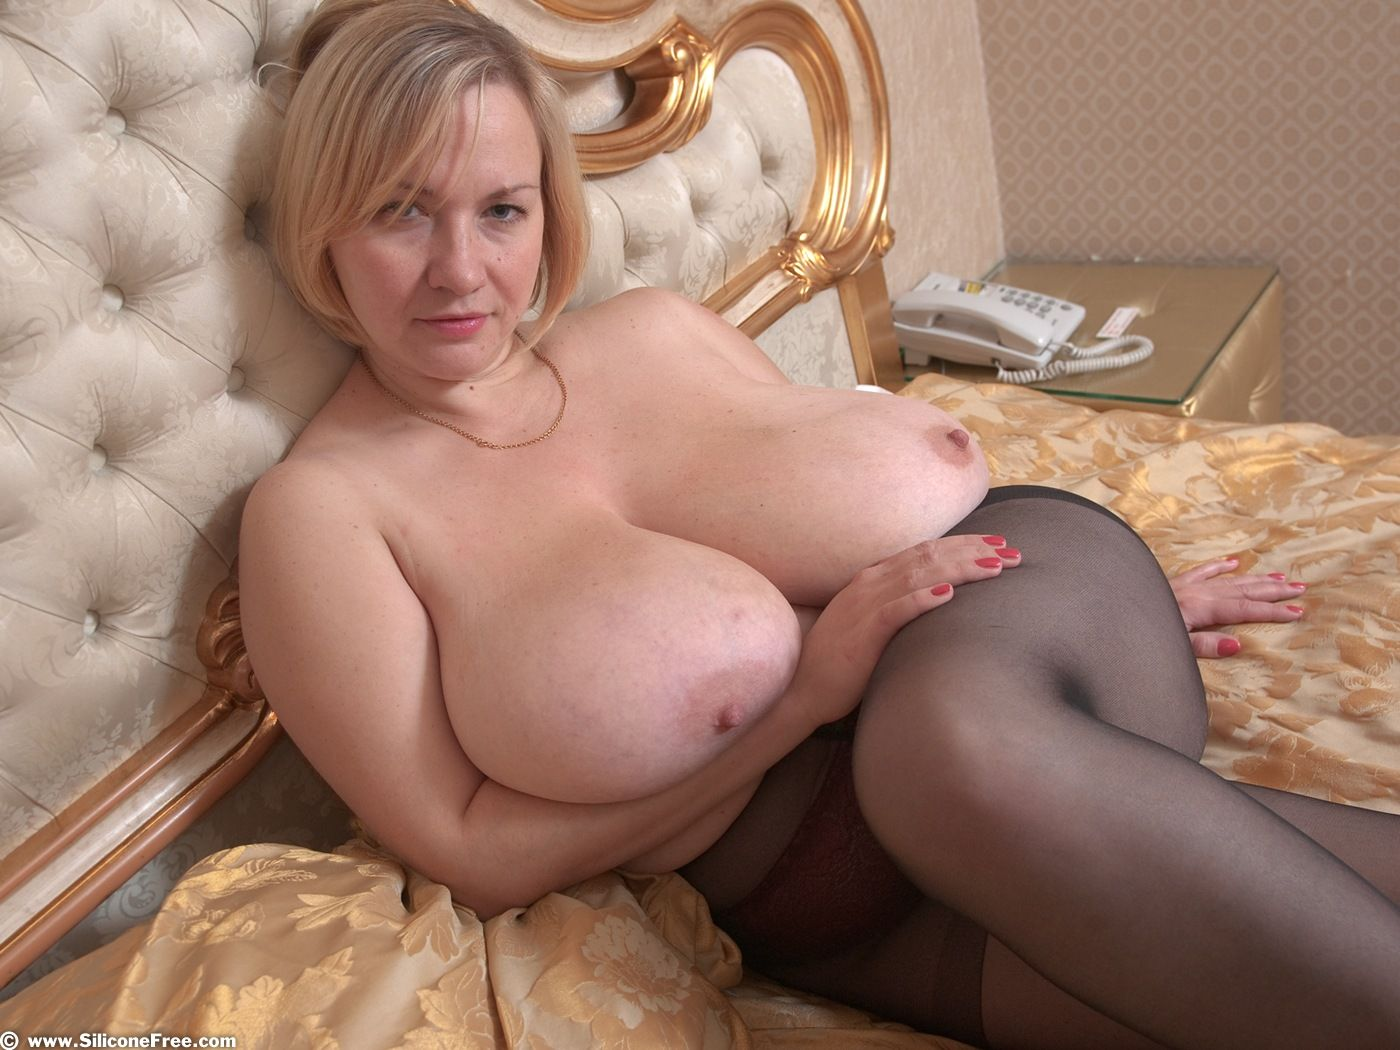 Фото зрелые с большими титьками, Зрелые женщины с большой грудью частное порно 9 фотография